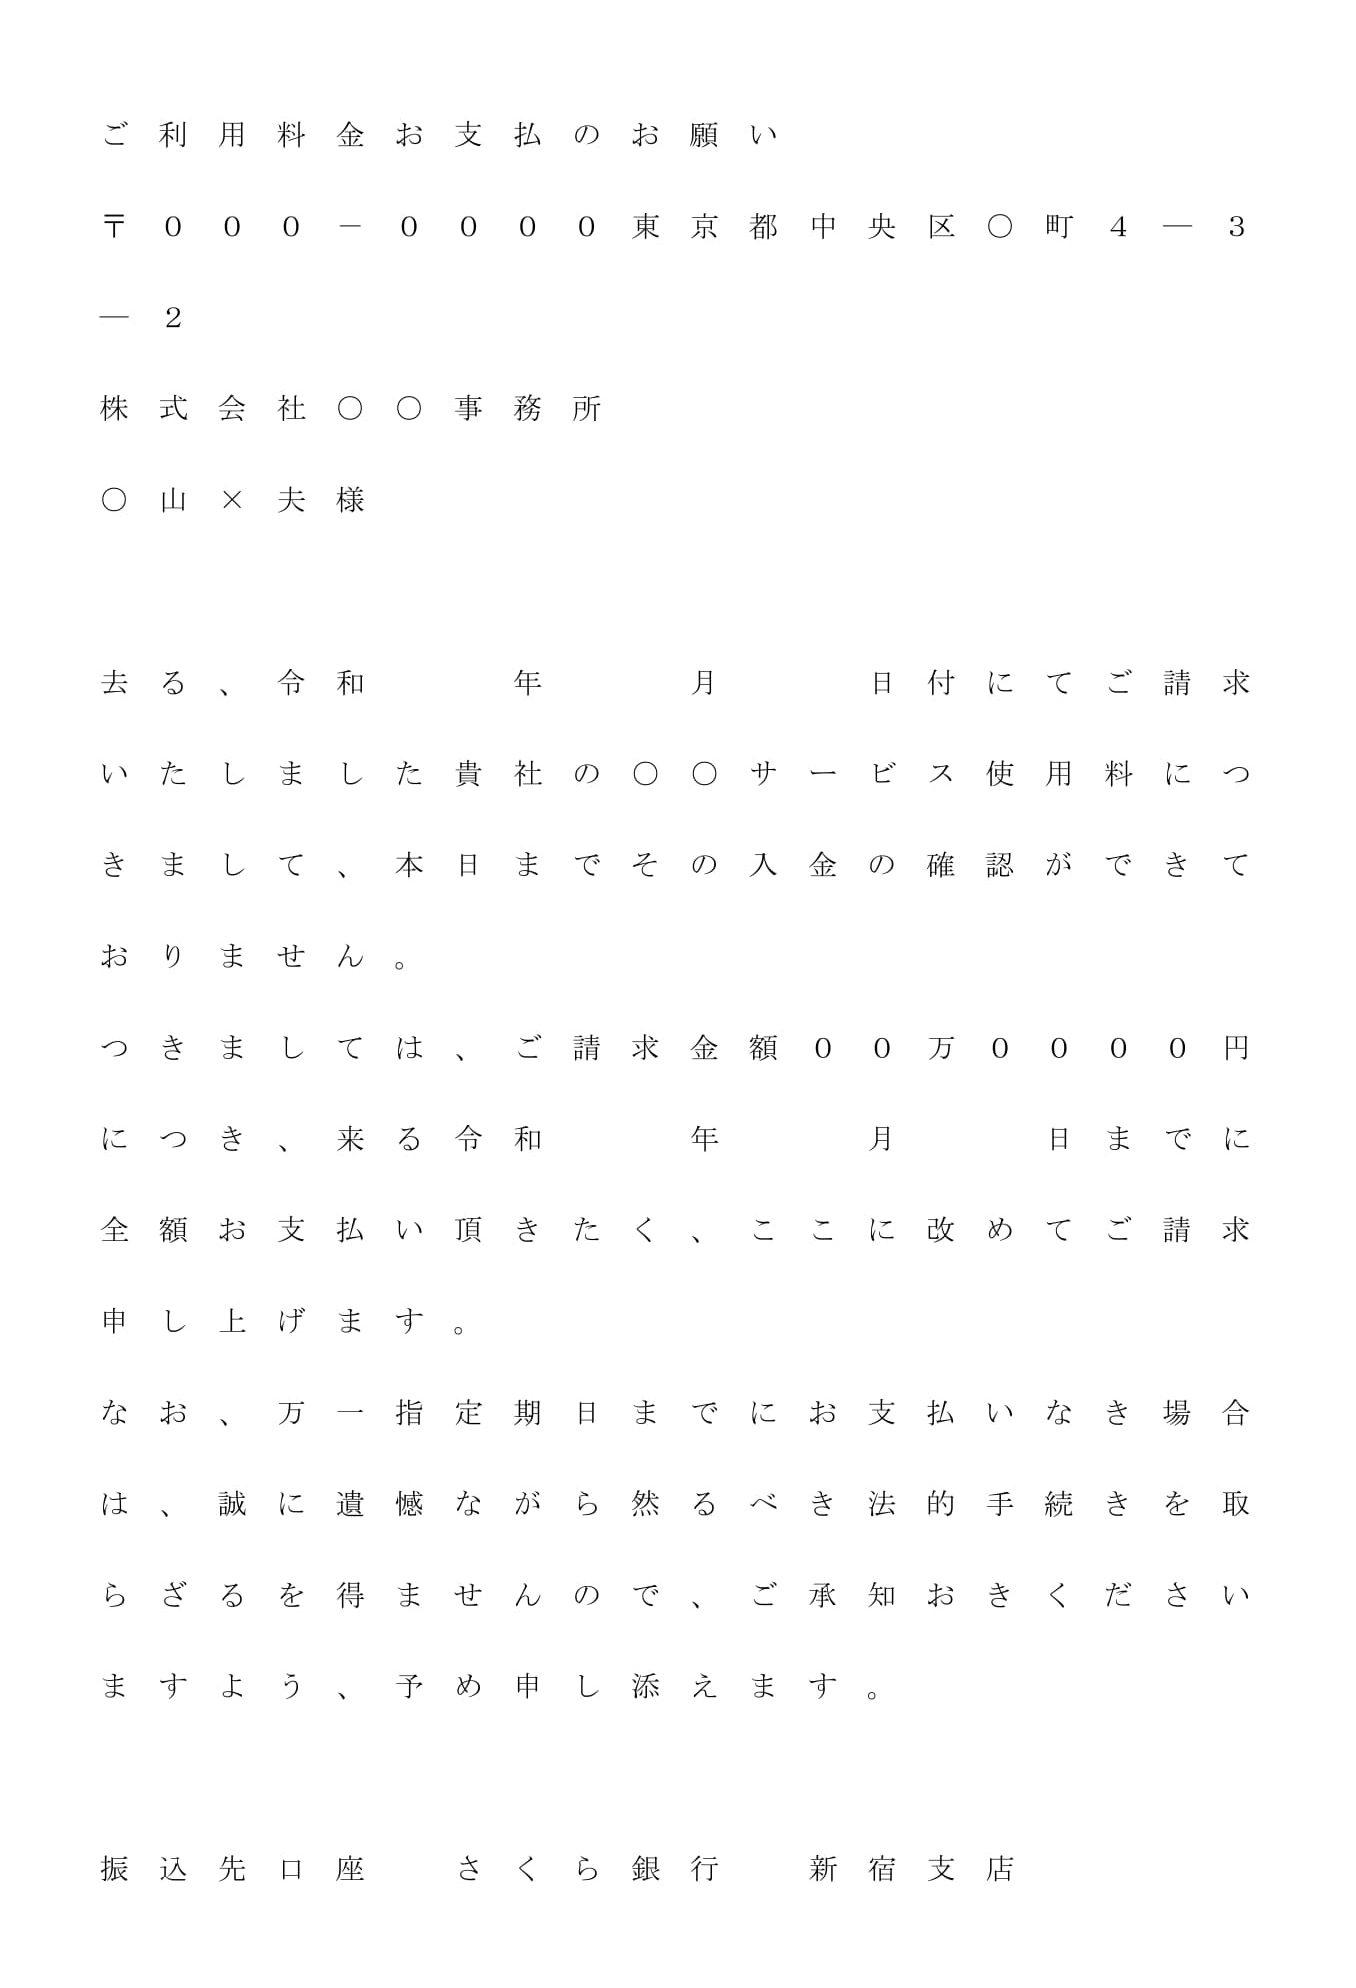 内容証明郵便(請求関連)のテンプレート書式